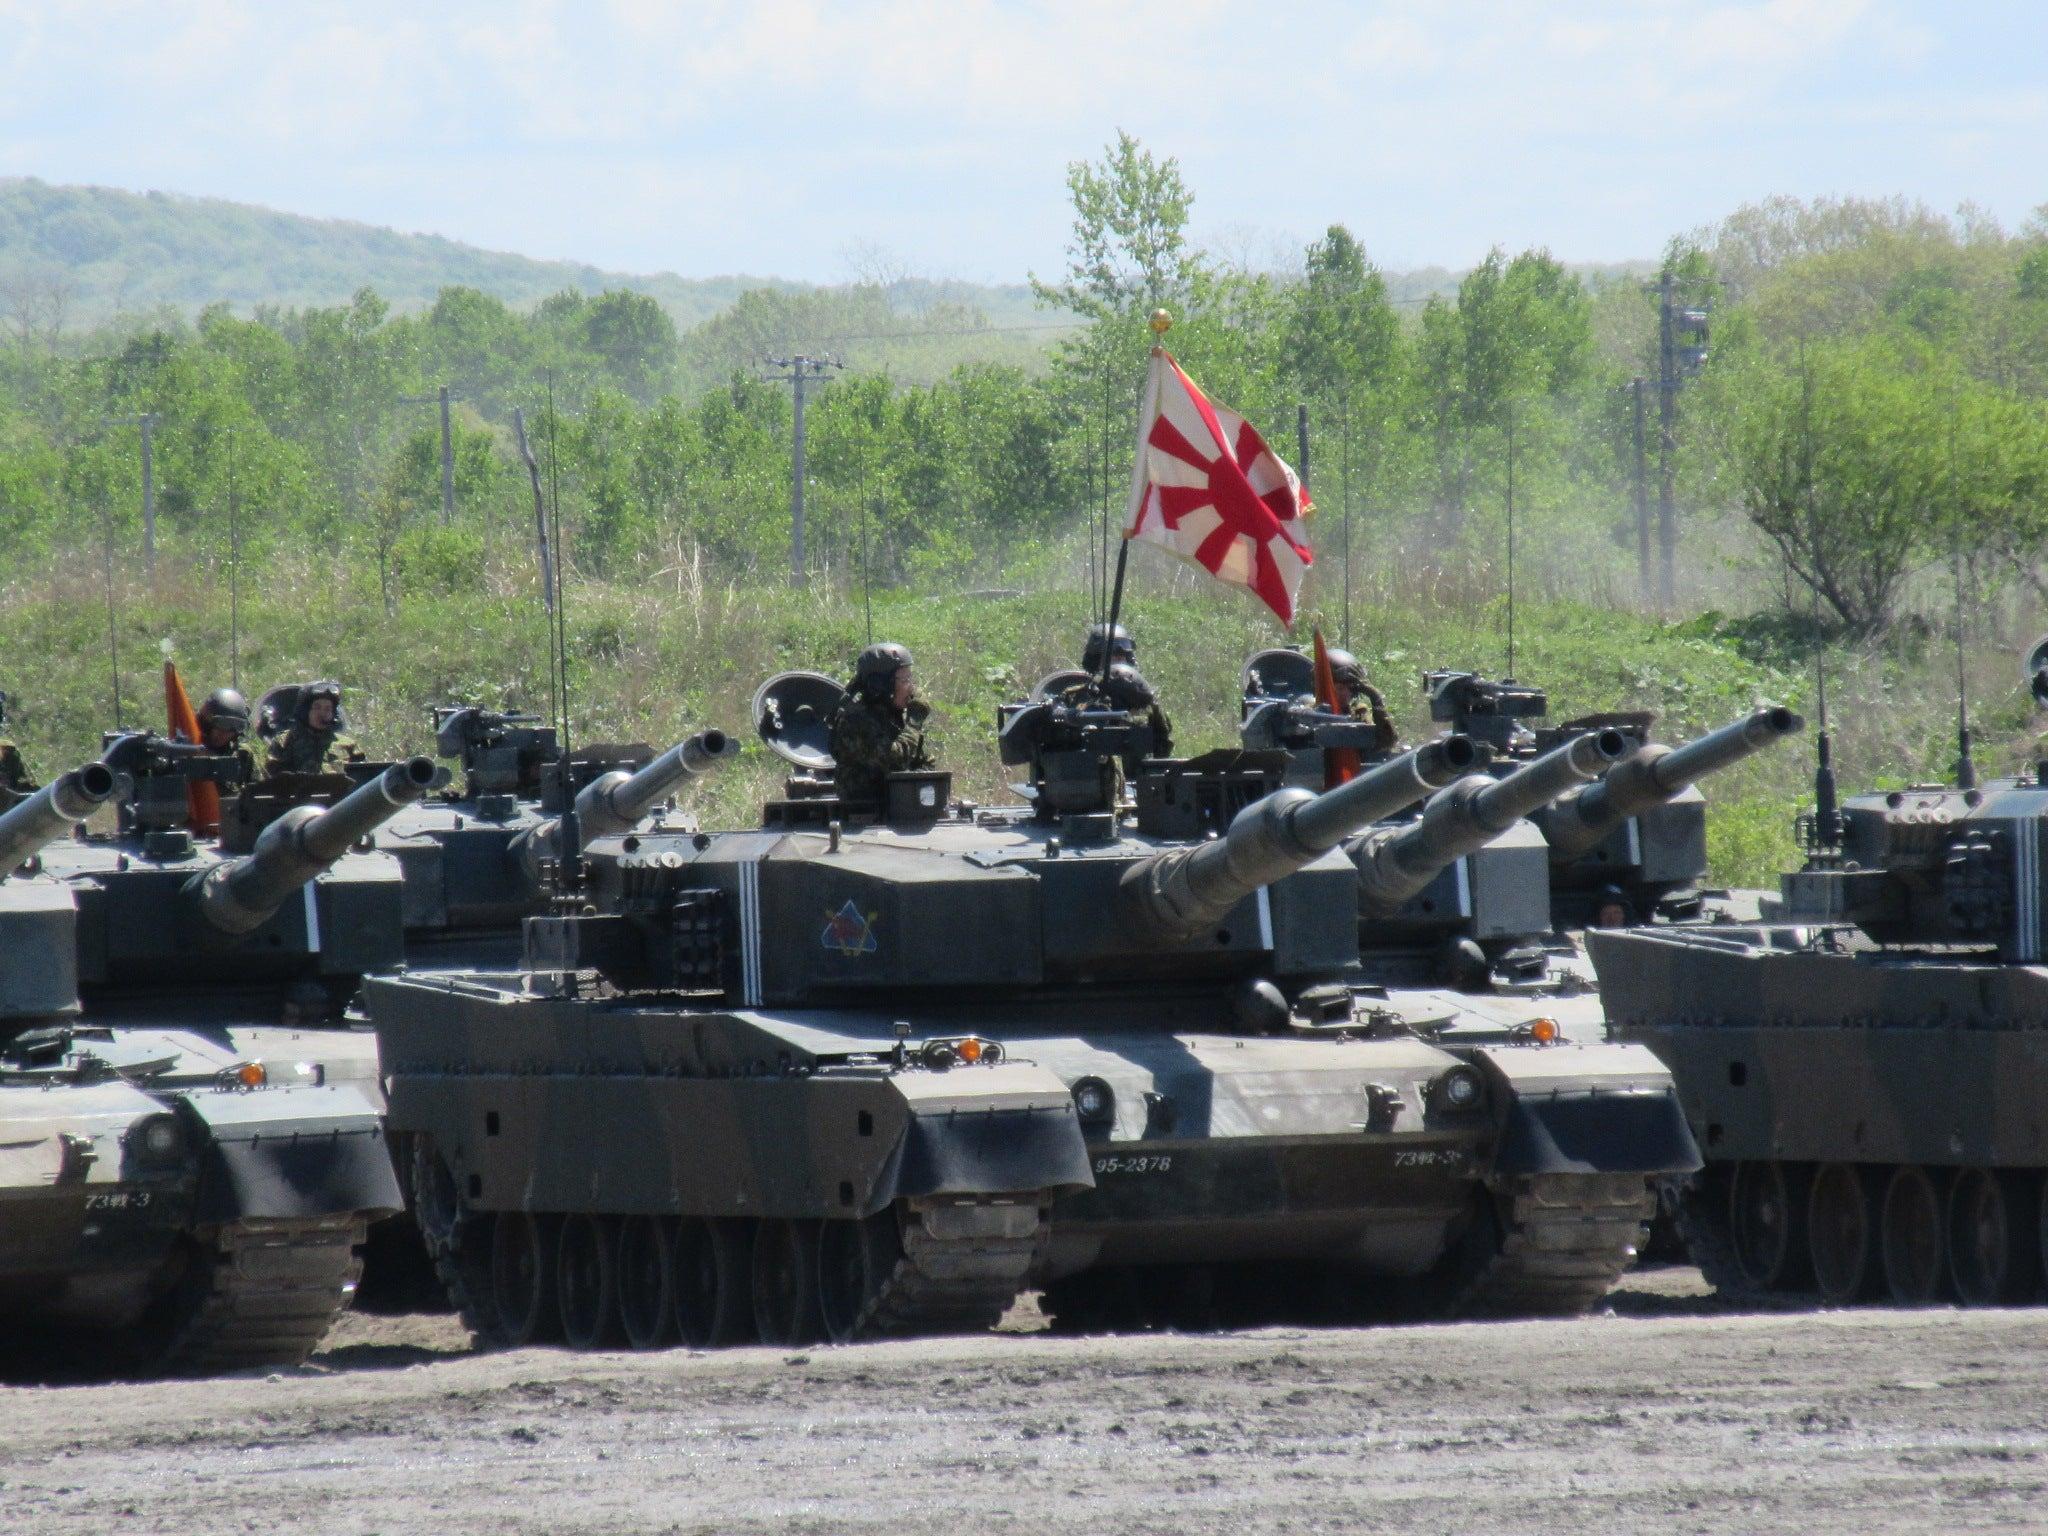 外務 防衛両省がhpで 旭日旗 説明 韓国のレッテル貼りに対抗 戦車兵のブログ